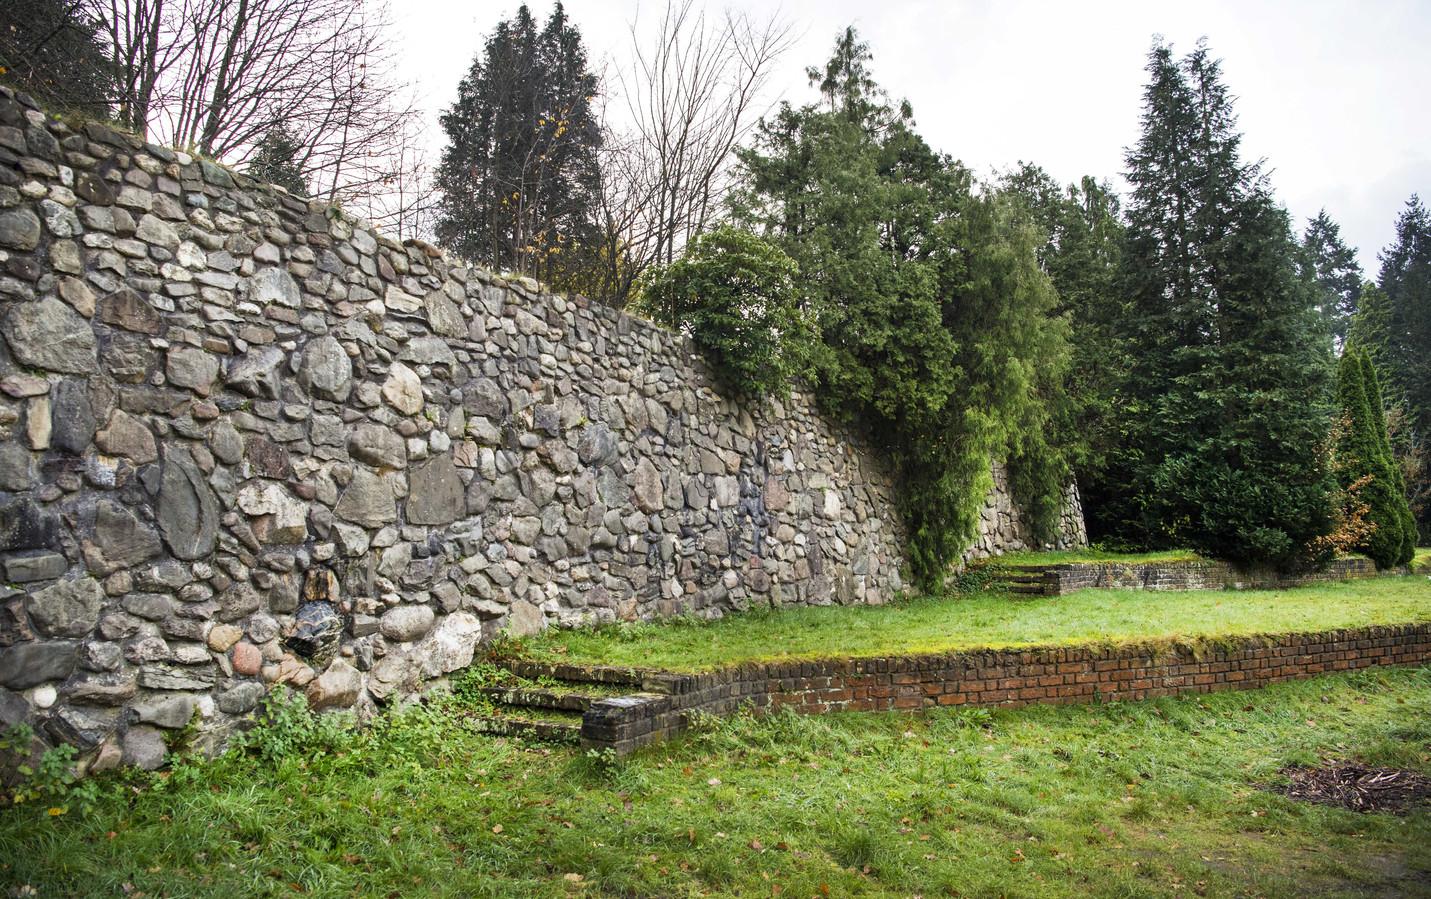 De muur van Mussert in Lunteren.